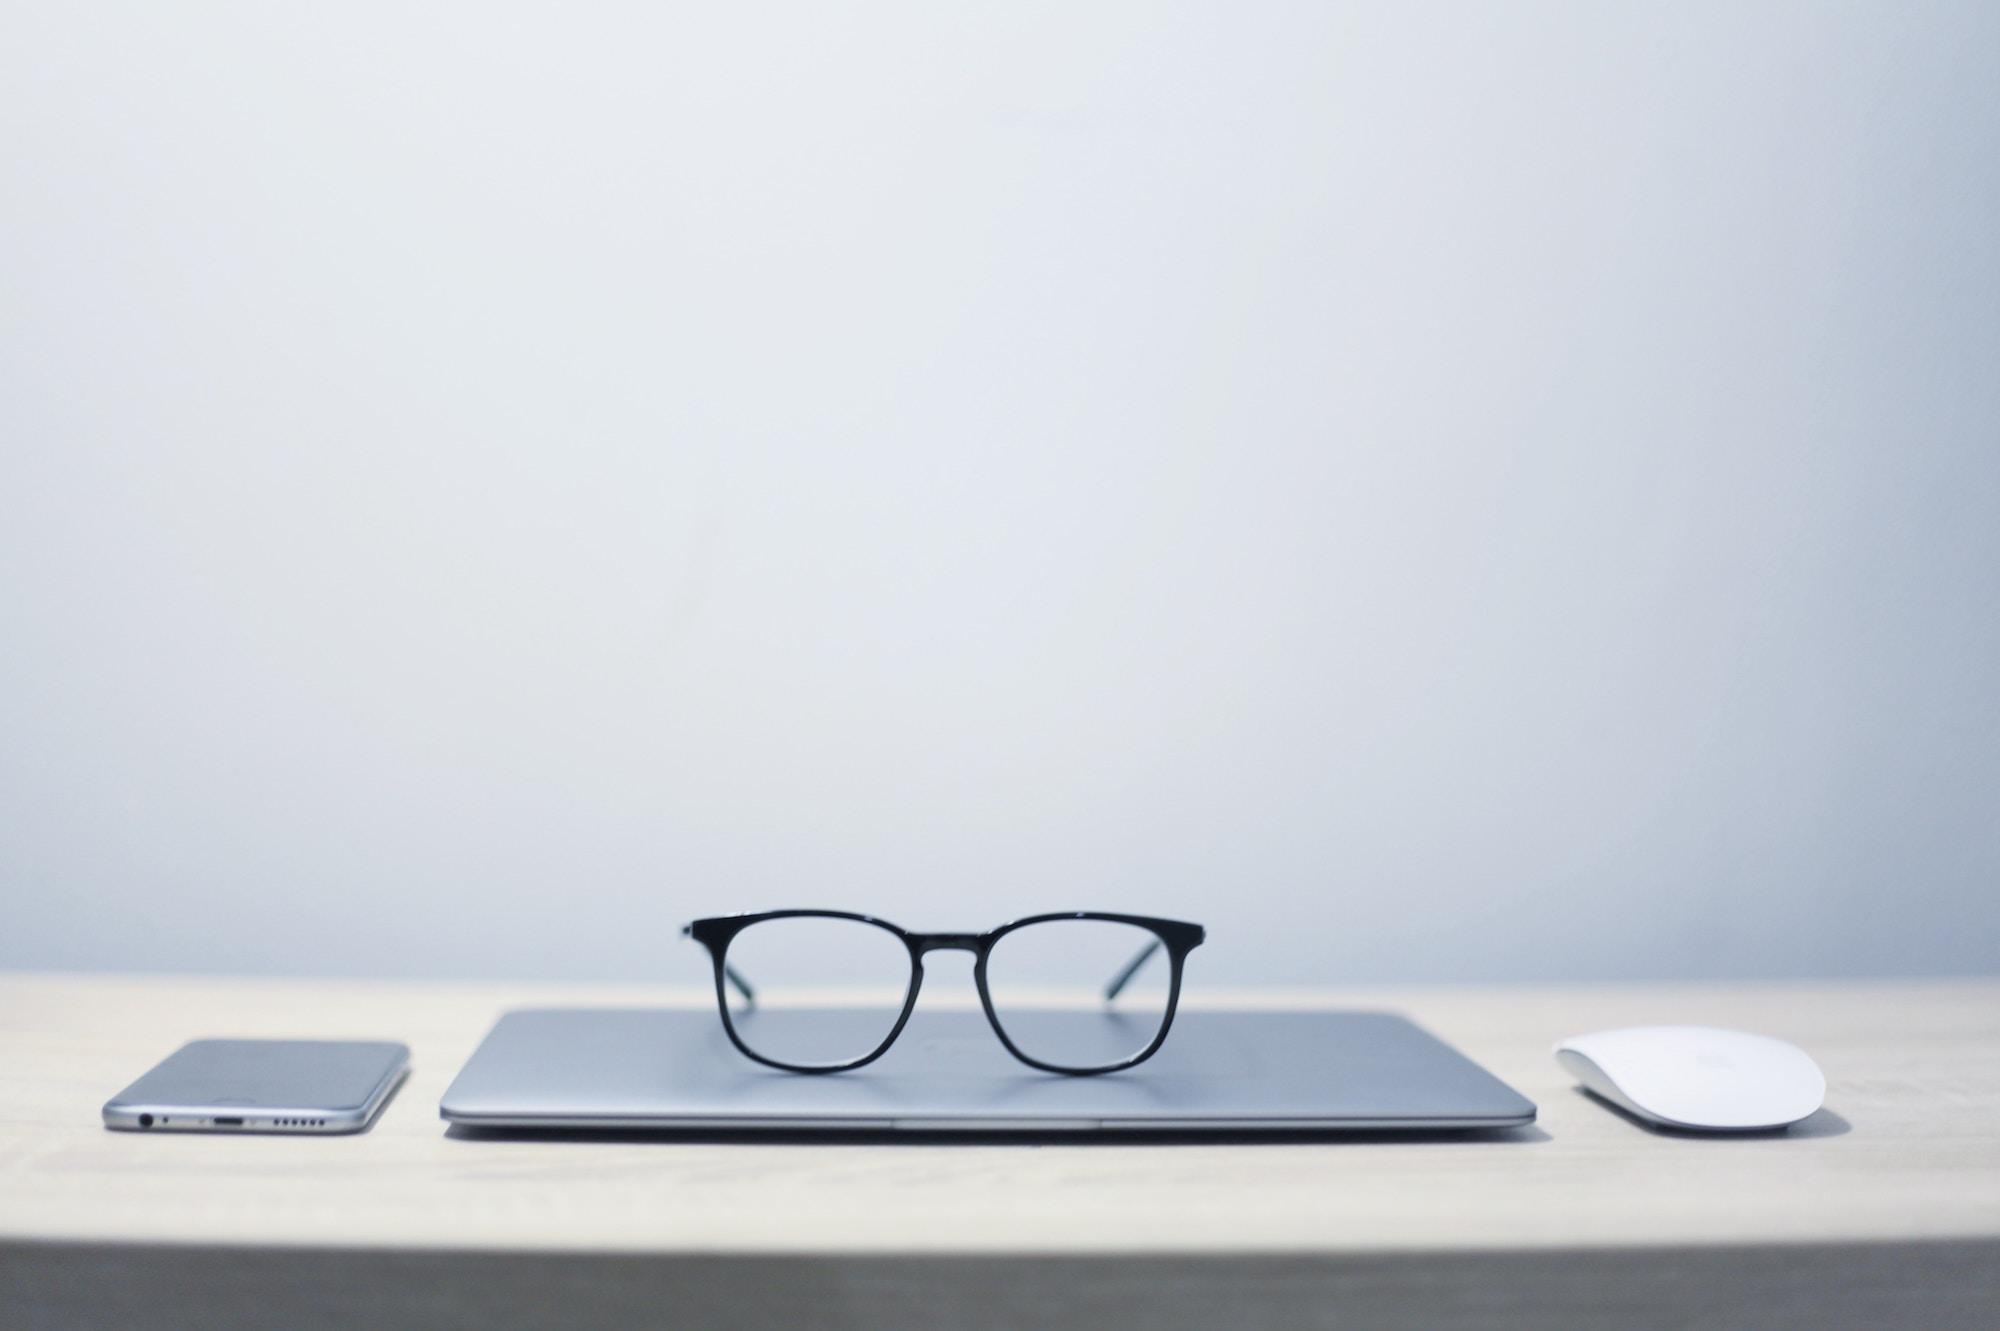 Projet Apple de lunettes pour la réalité augemntée